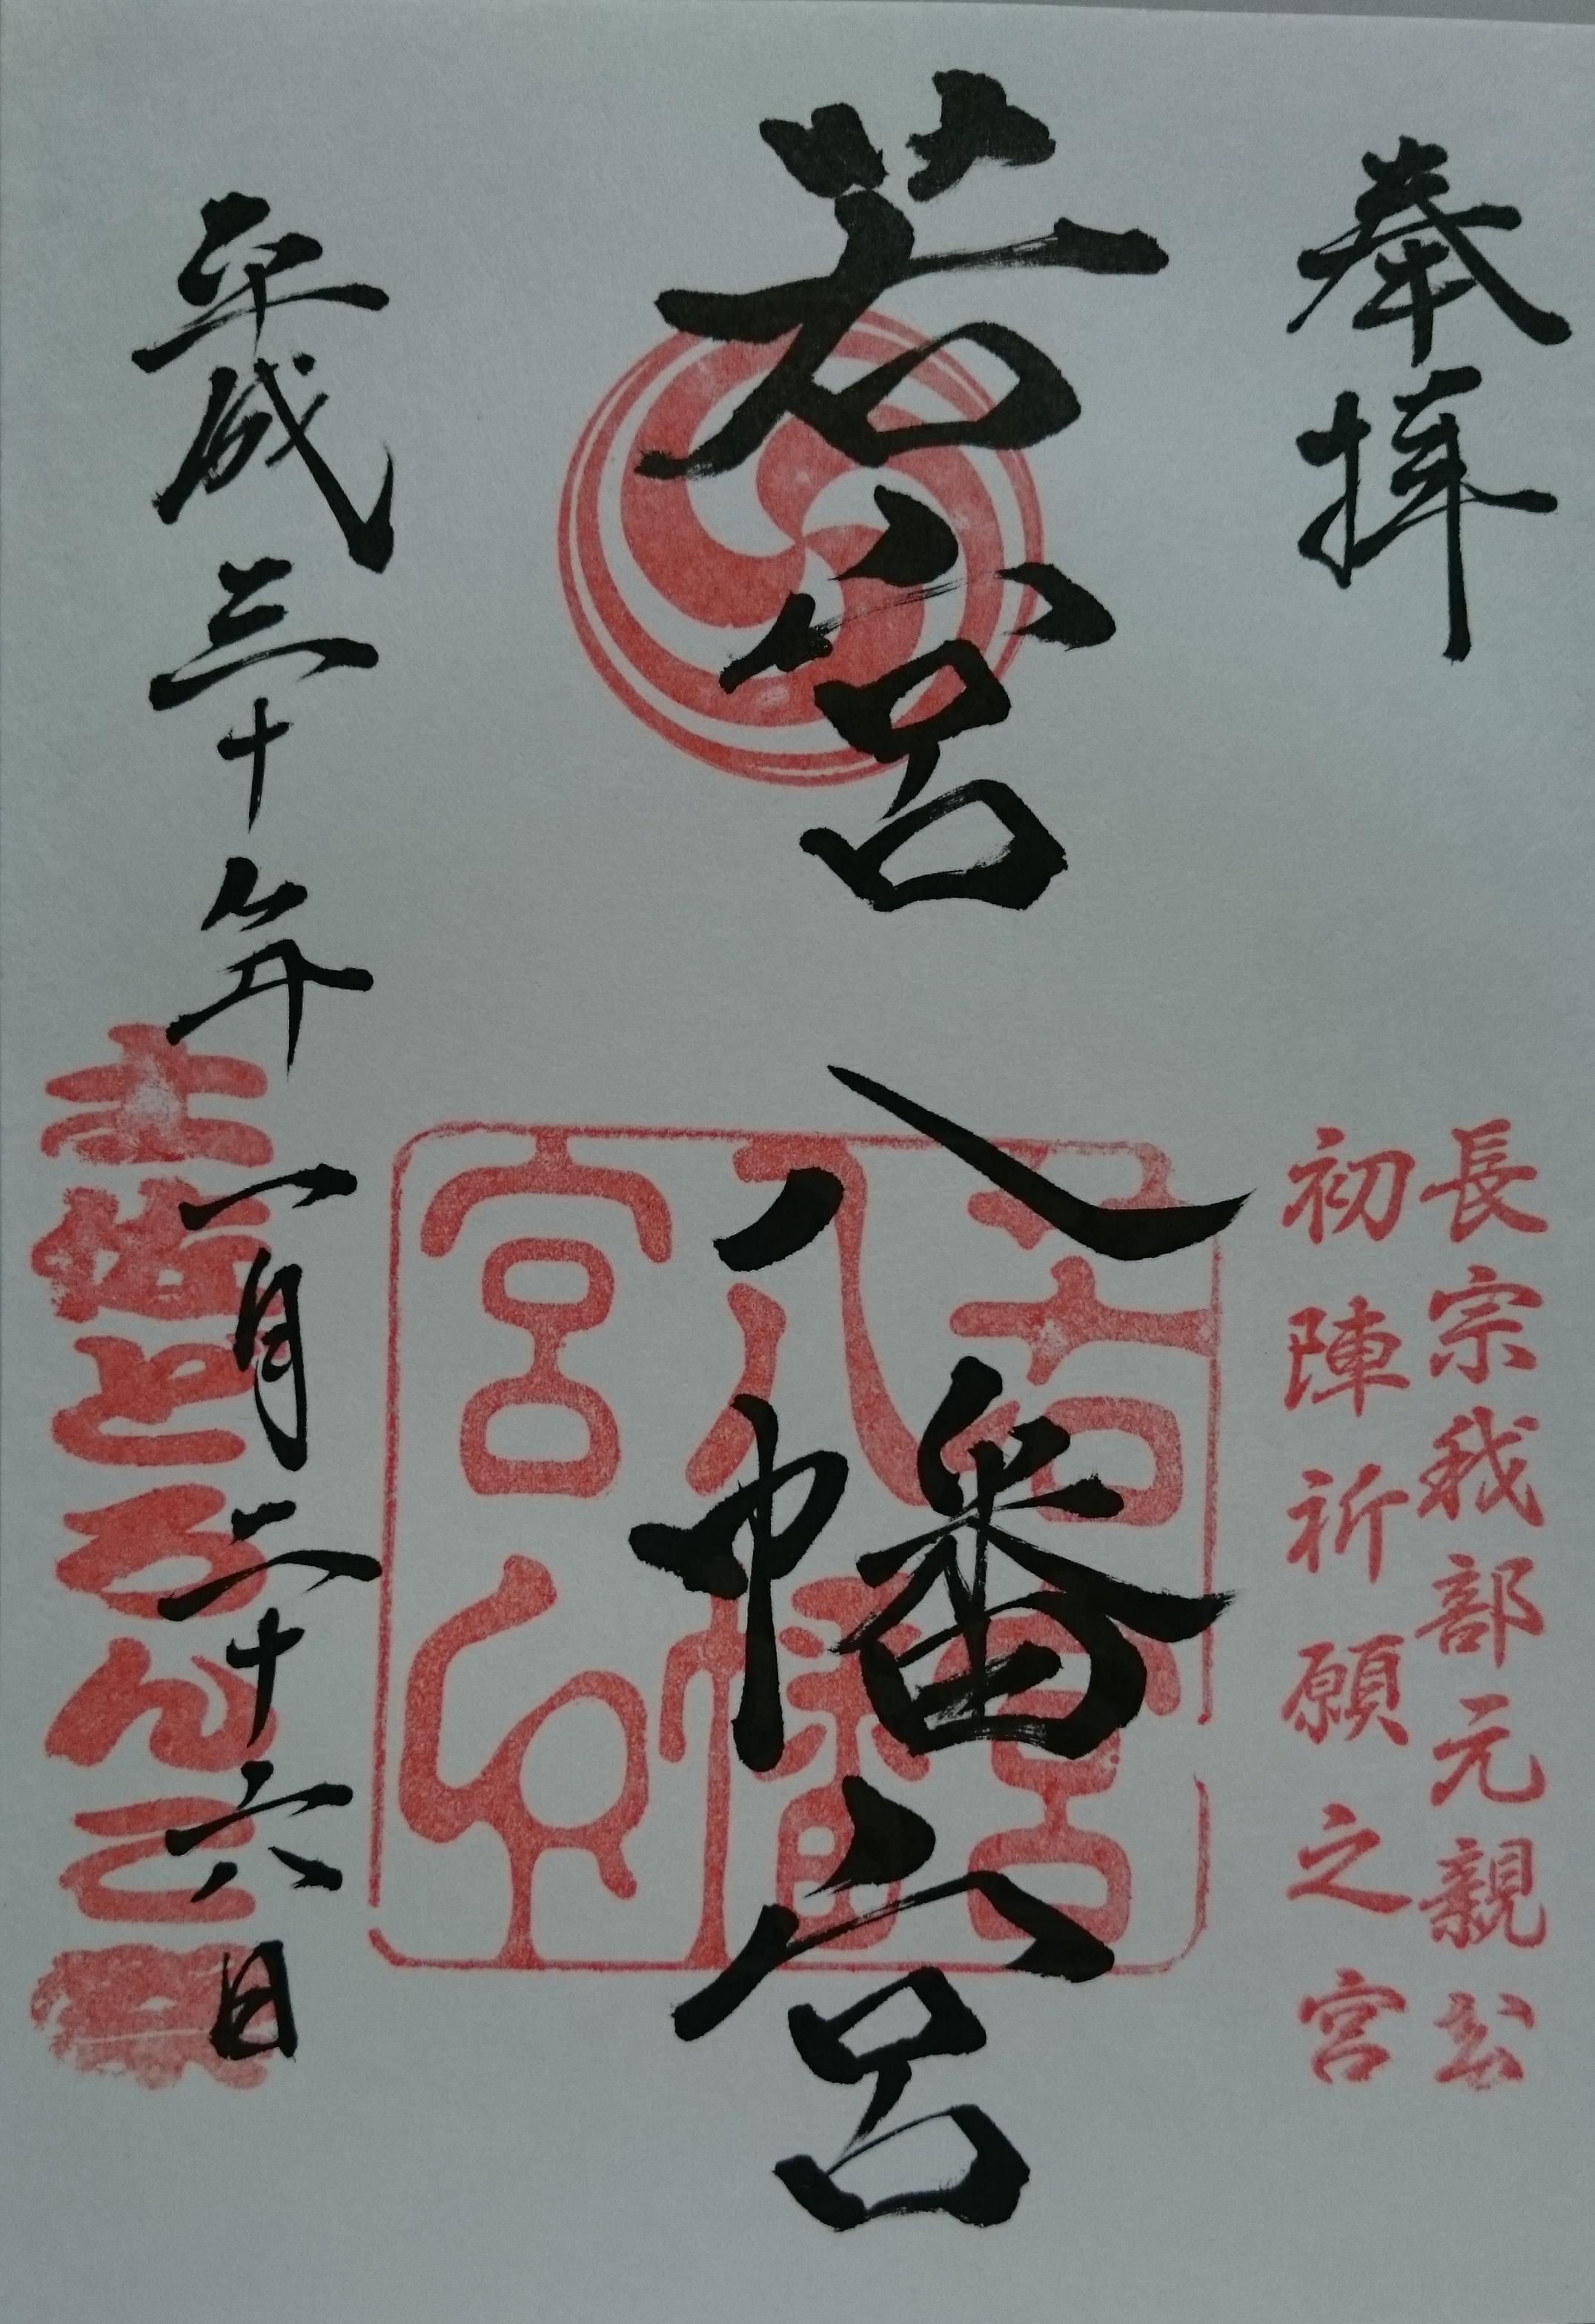 【高知 若宮八幡宮】負けられない戦いがある時はこの神社!参拝するだけでパワーがみなぎるその秘密は!?【御朱印】